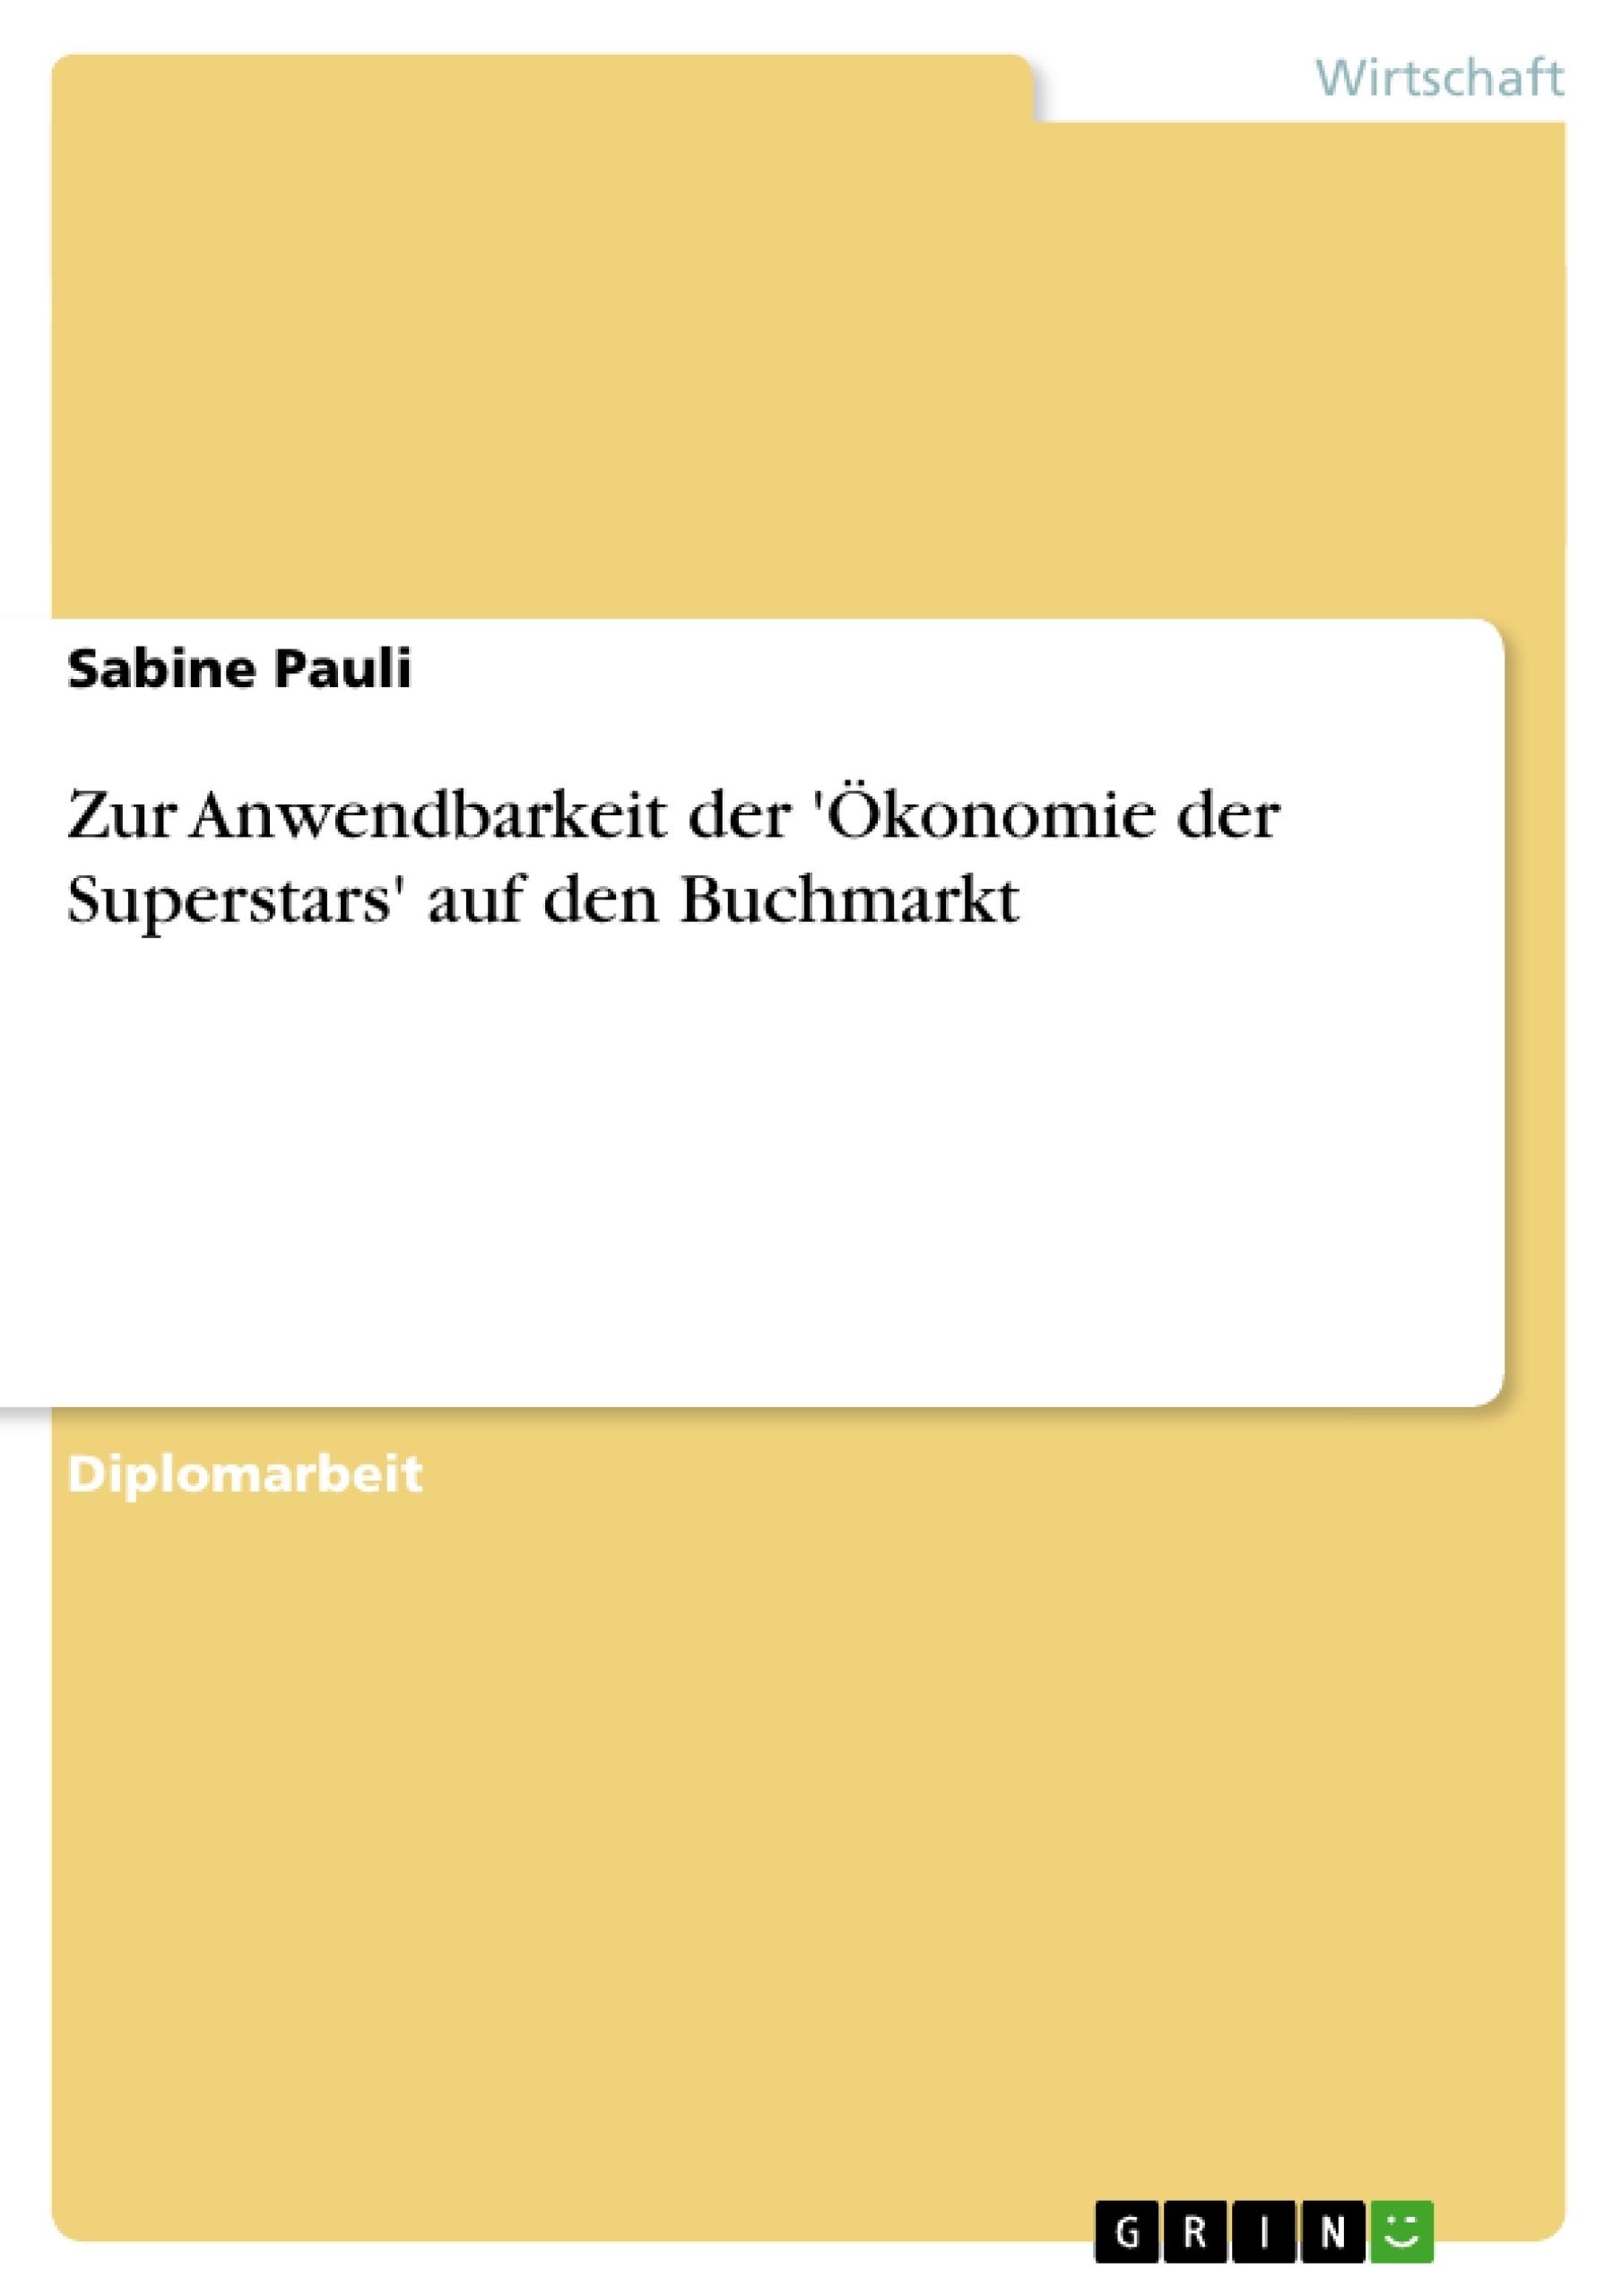 Titel: Zur Anwendbarkeit der 'Ökonomie der Superstars' auf den Buchmarkt